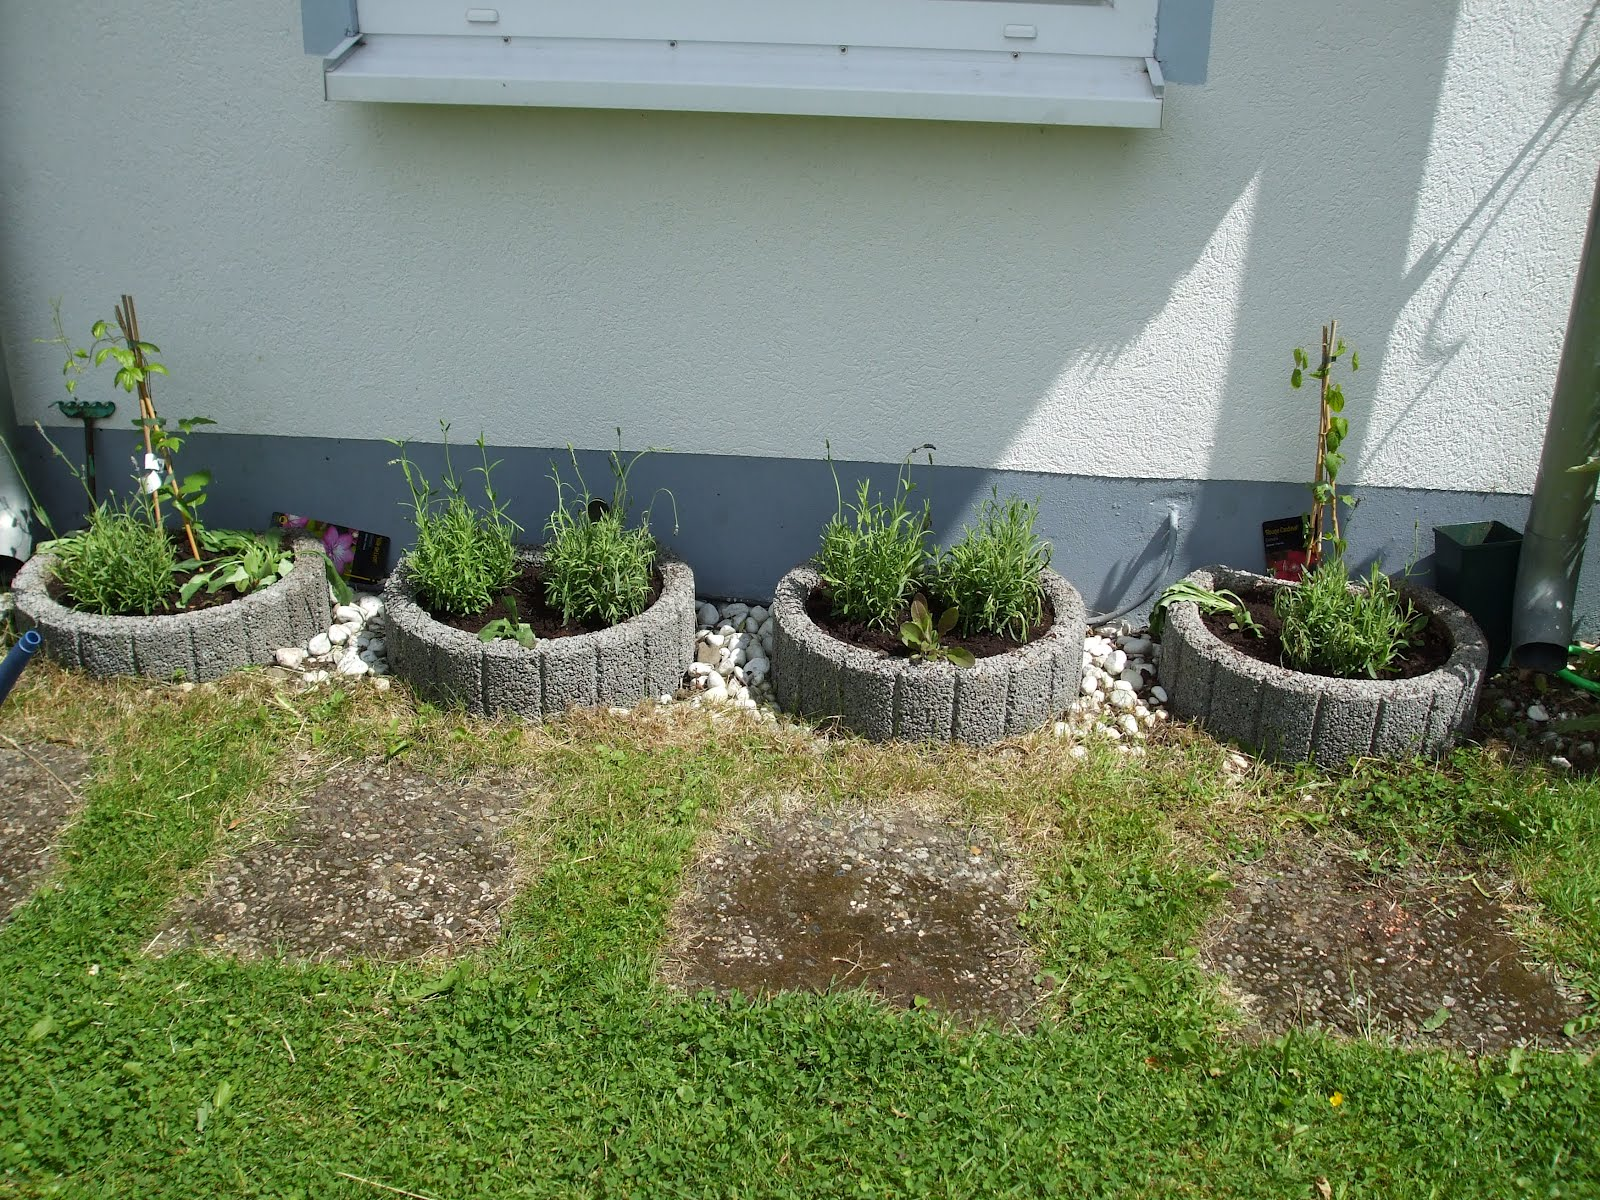 biggi 39 s erster test blog highlights of the week lavendel gepflanzt. Black Bedroom Furniture Sets. Home Design Ideas